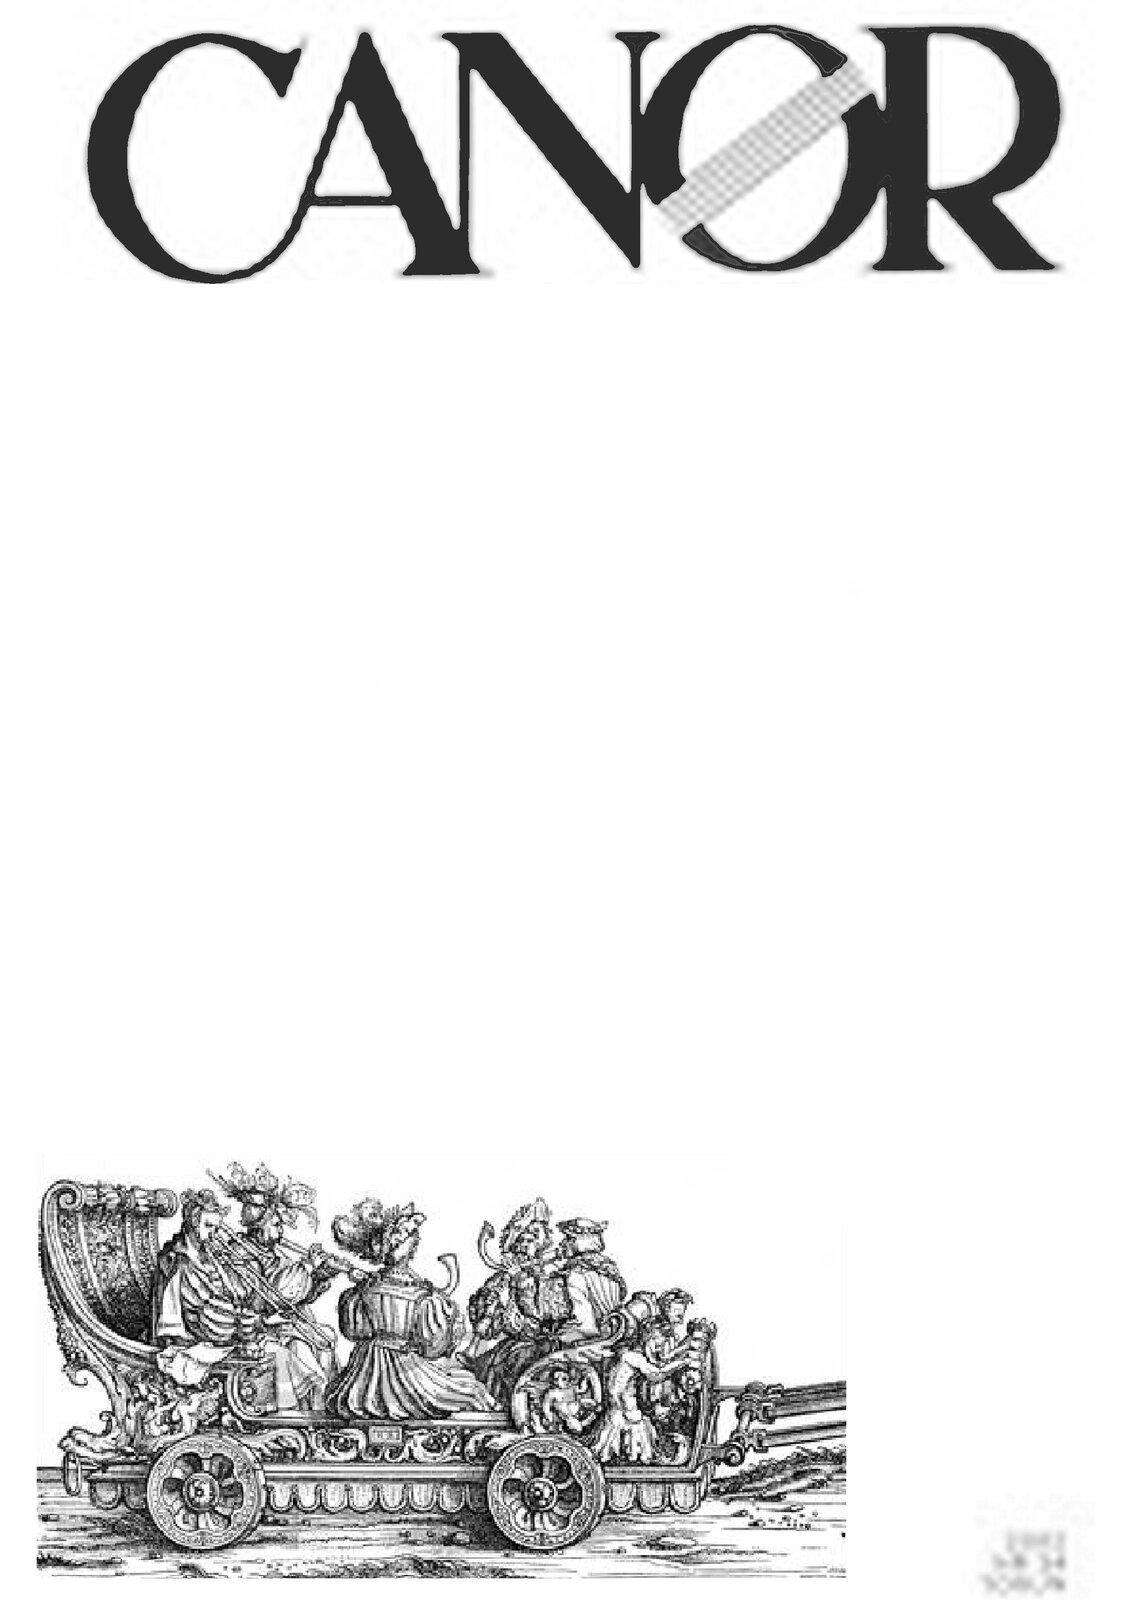 """Ilustracja przedstawia okładkę czasopisma muzycznego """"Canor"""". Na okładce obiałym tle znajduje się nazwa czasopisma, poniżej rycina przedstawiająca wóz zkobietami, które ubrane są wfaliste suknie zgodne zepoką."""